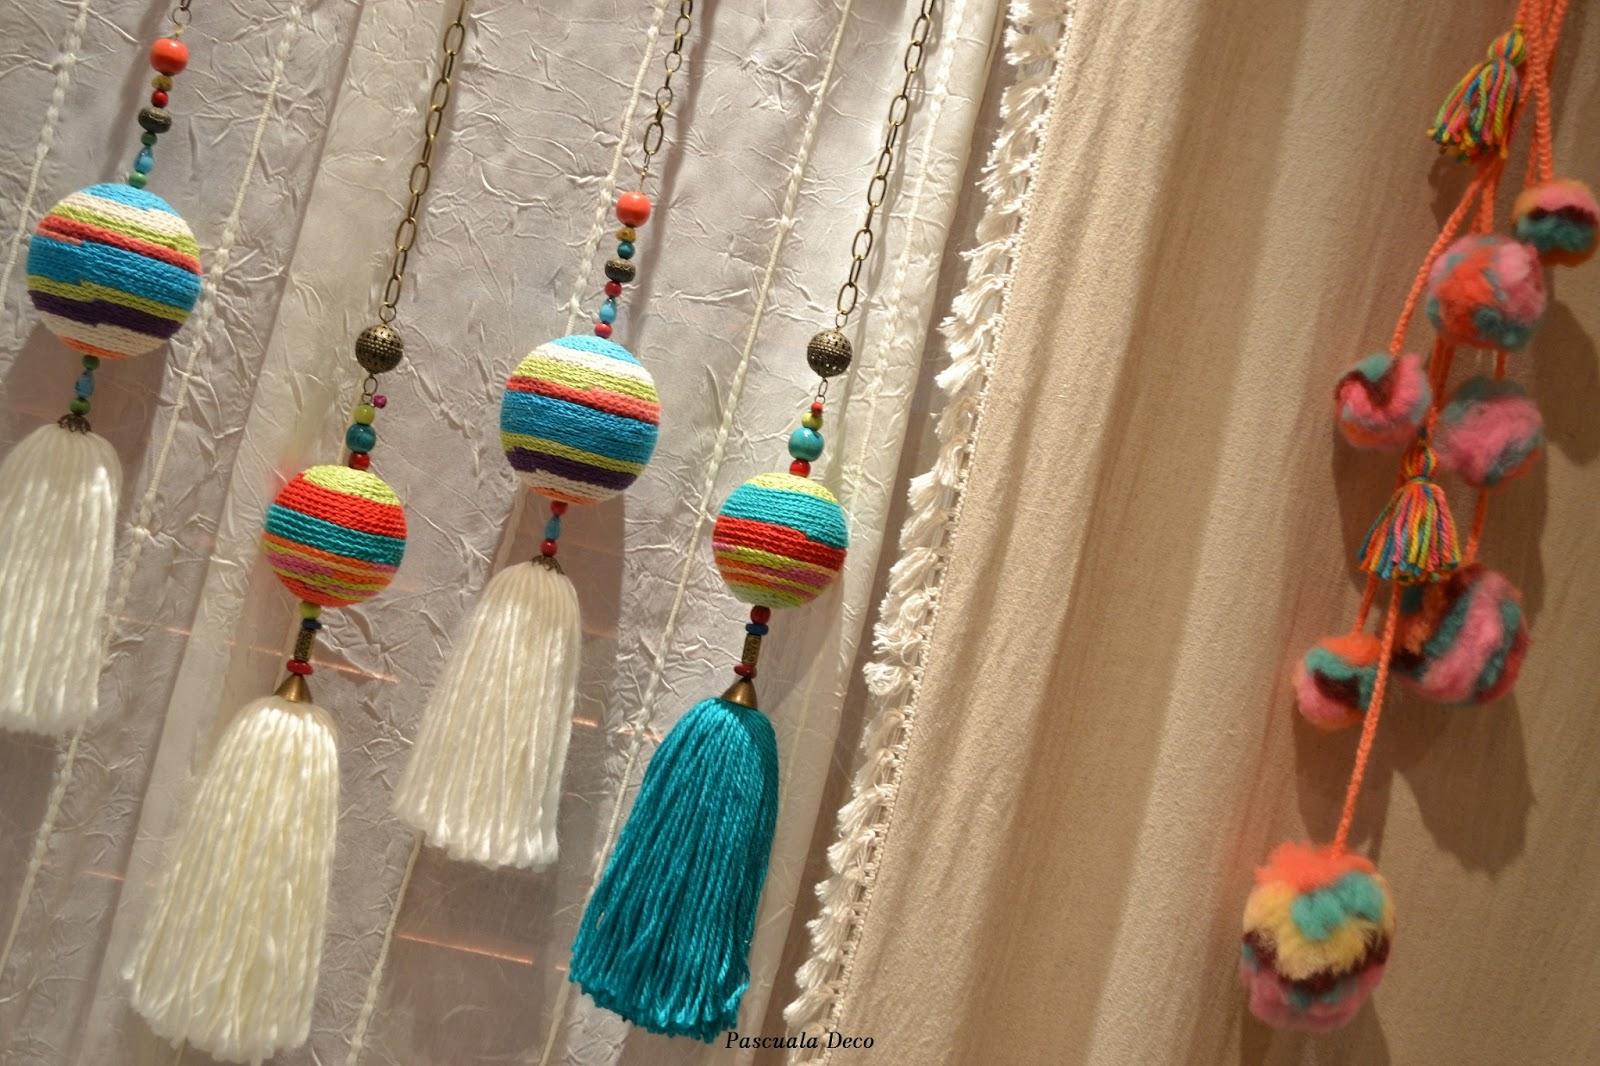 Pascuala deco colgante para cortinas - Para colgar cortinas ...